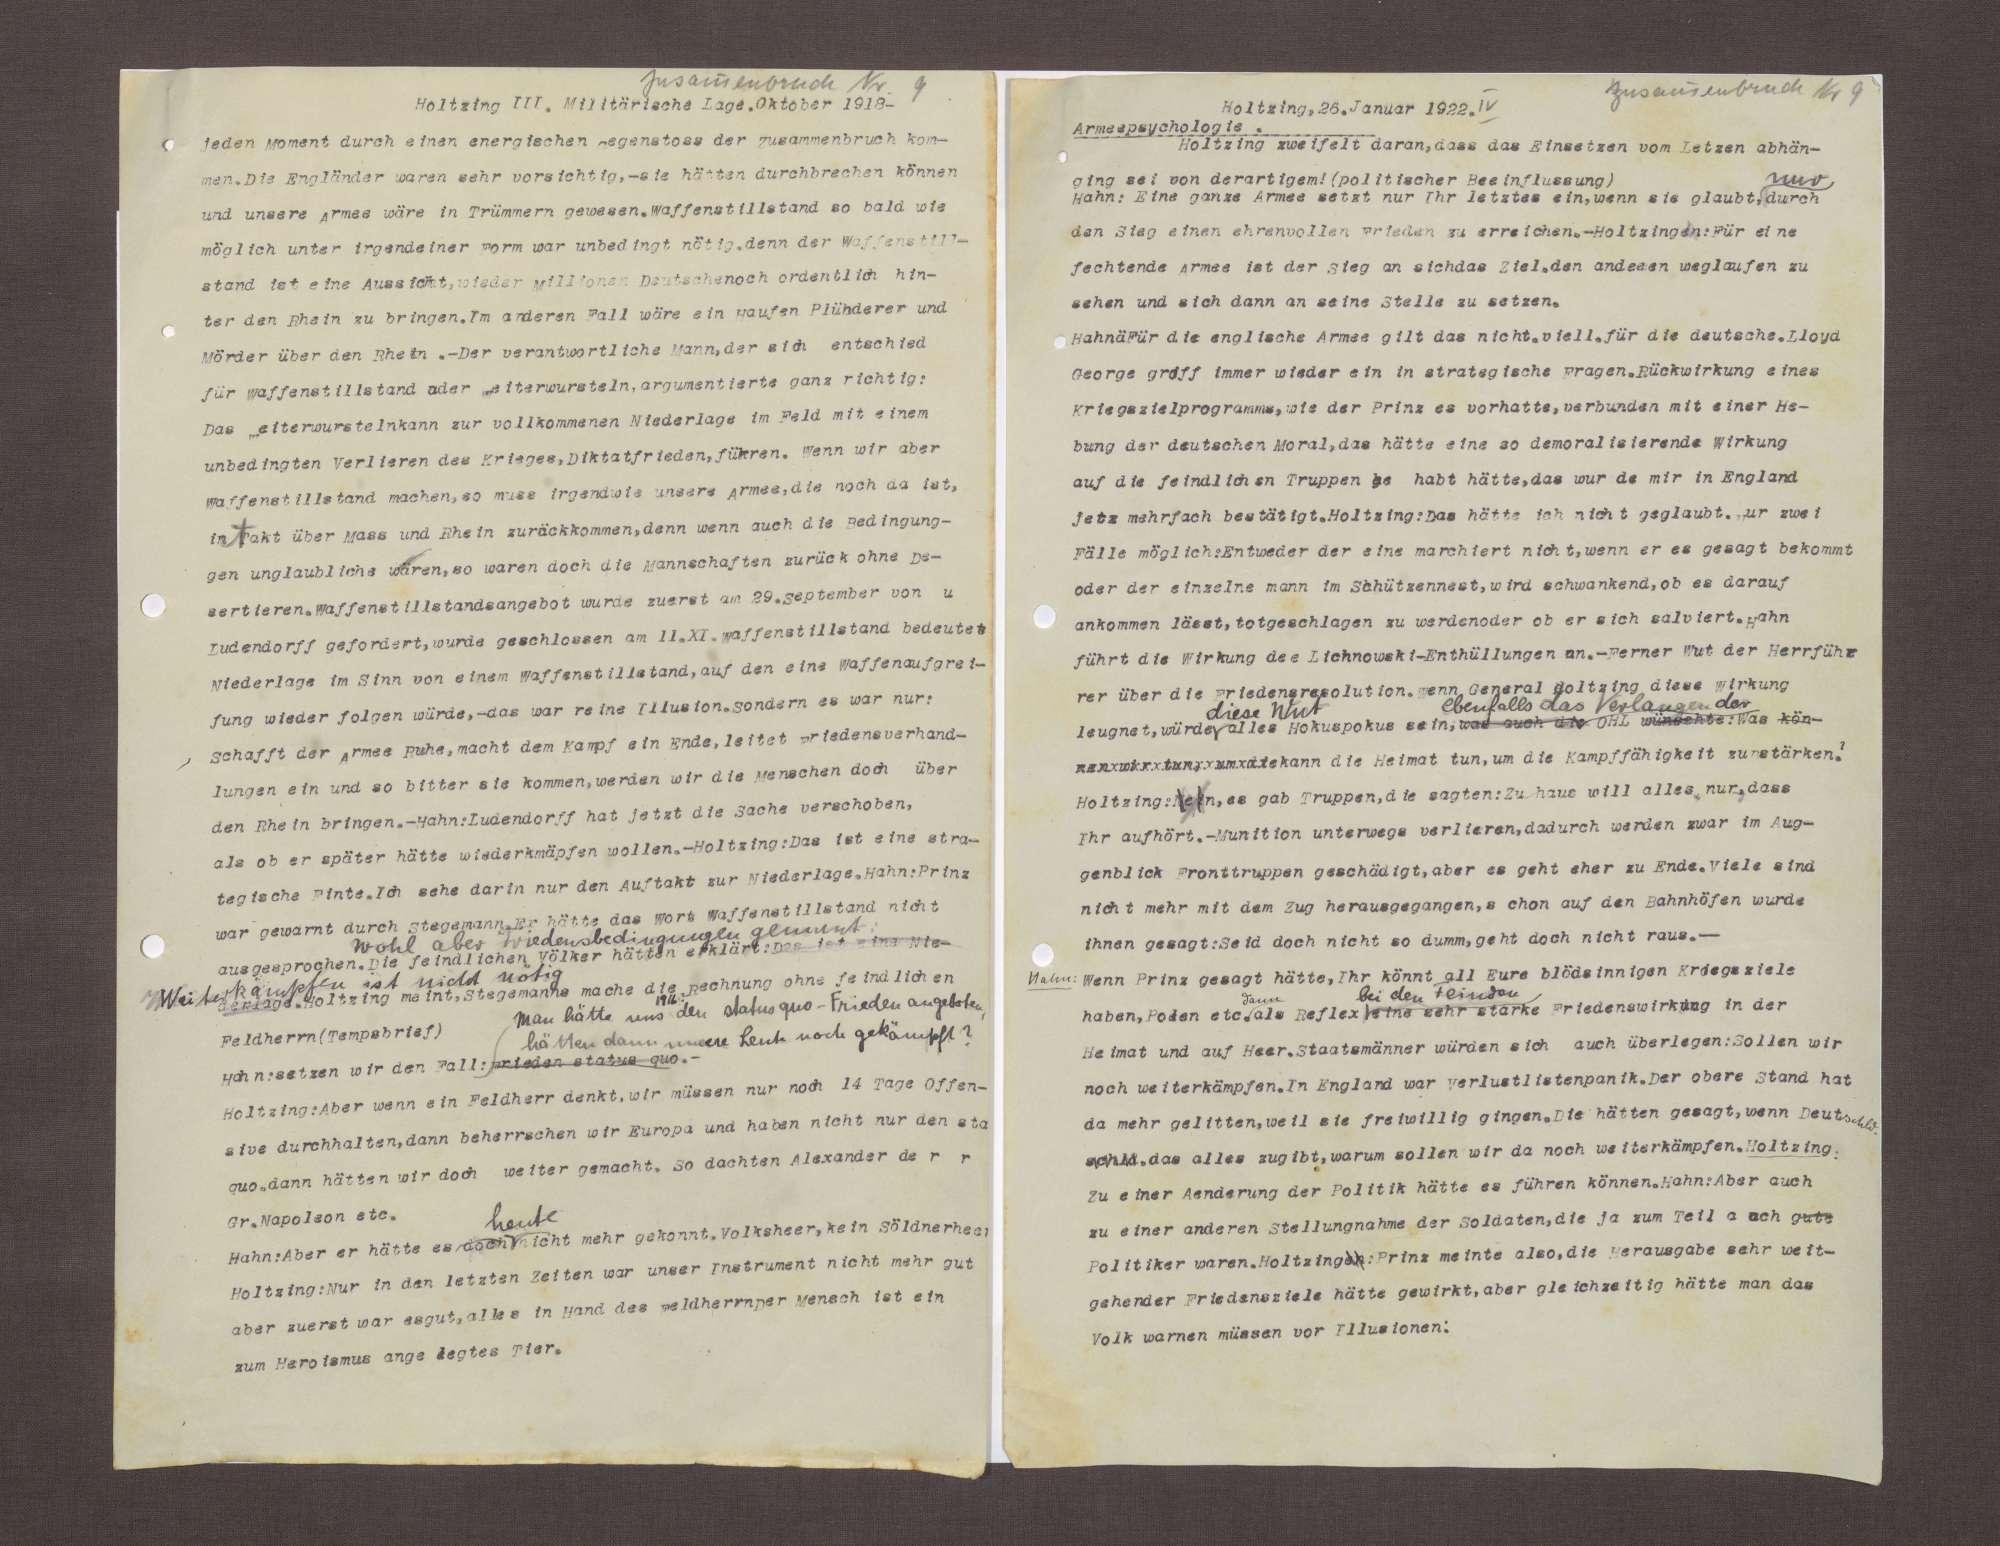 Bericht von Max von Holzing-Berstett bzgl. der Situation des Heeres 1918, Bild 2